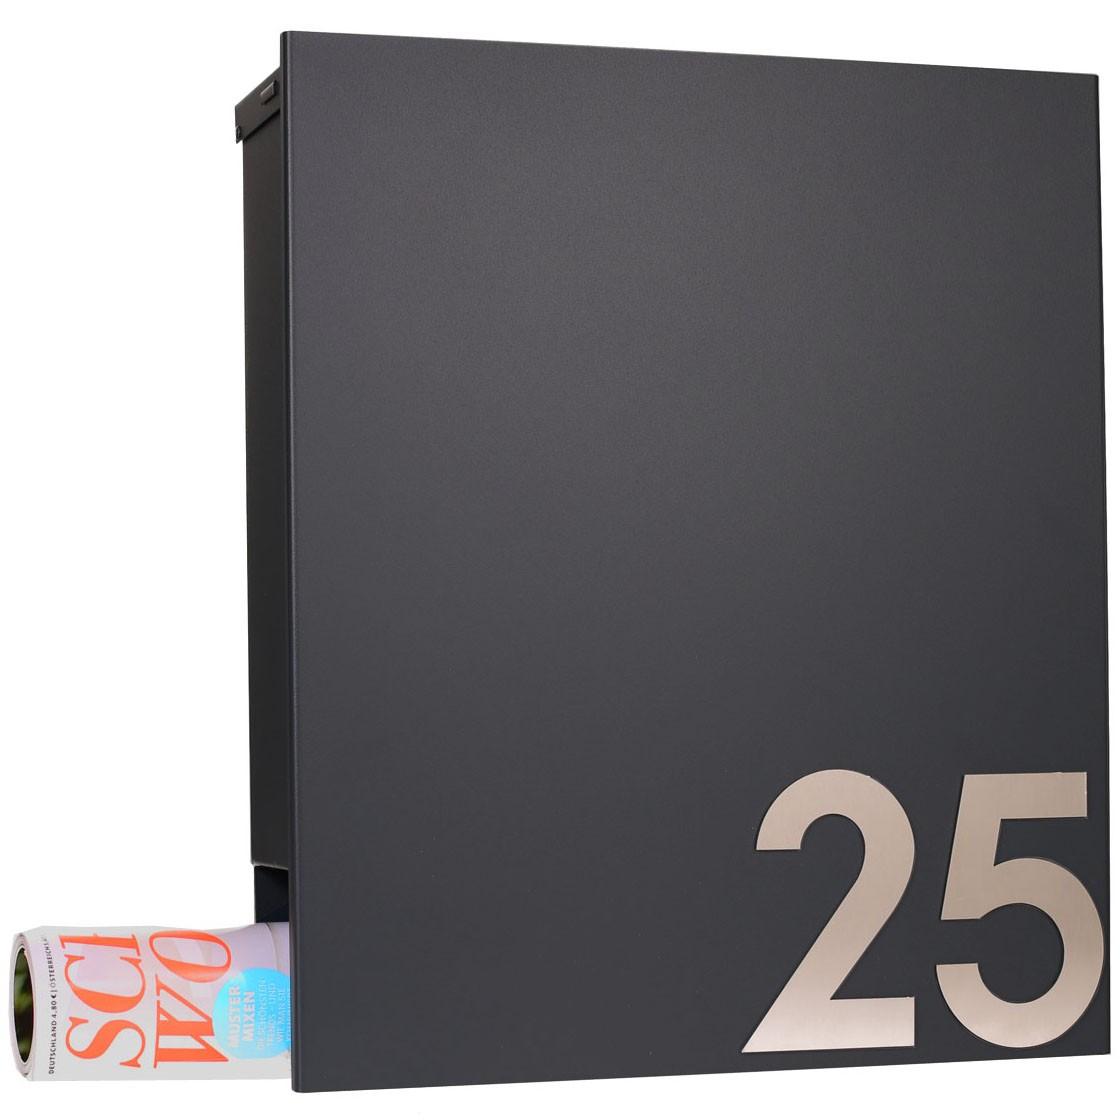 design briefkasten mit zeitungsfach anthrazitgrau ral. Black Bedroom Furniture Sets. Home Design Ideas